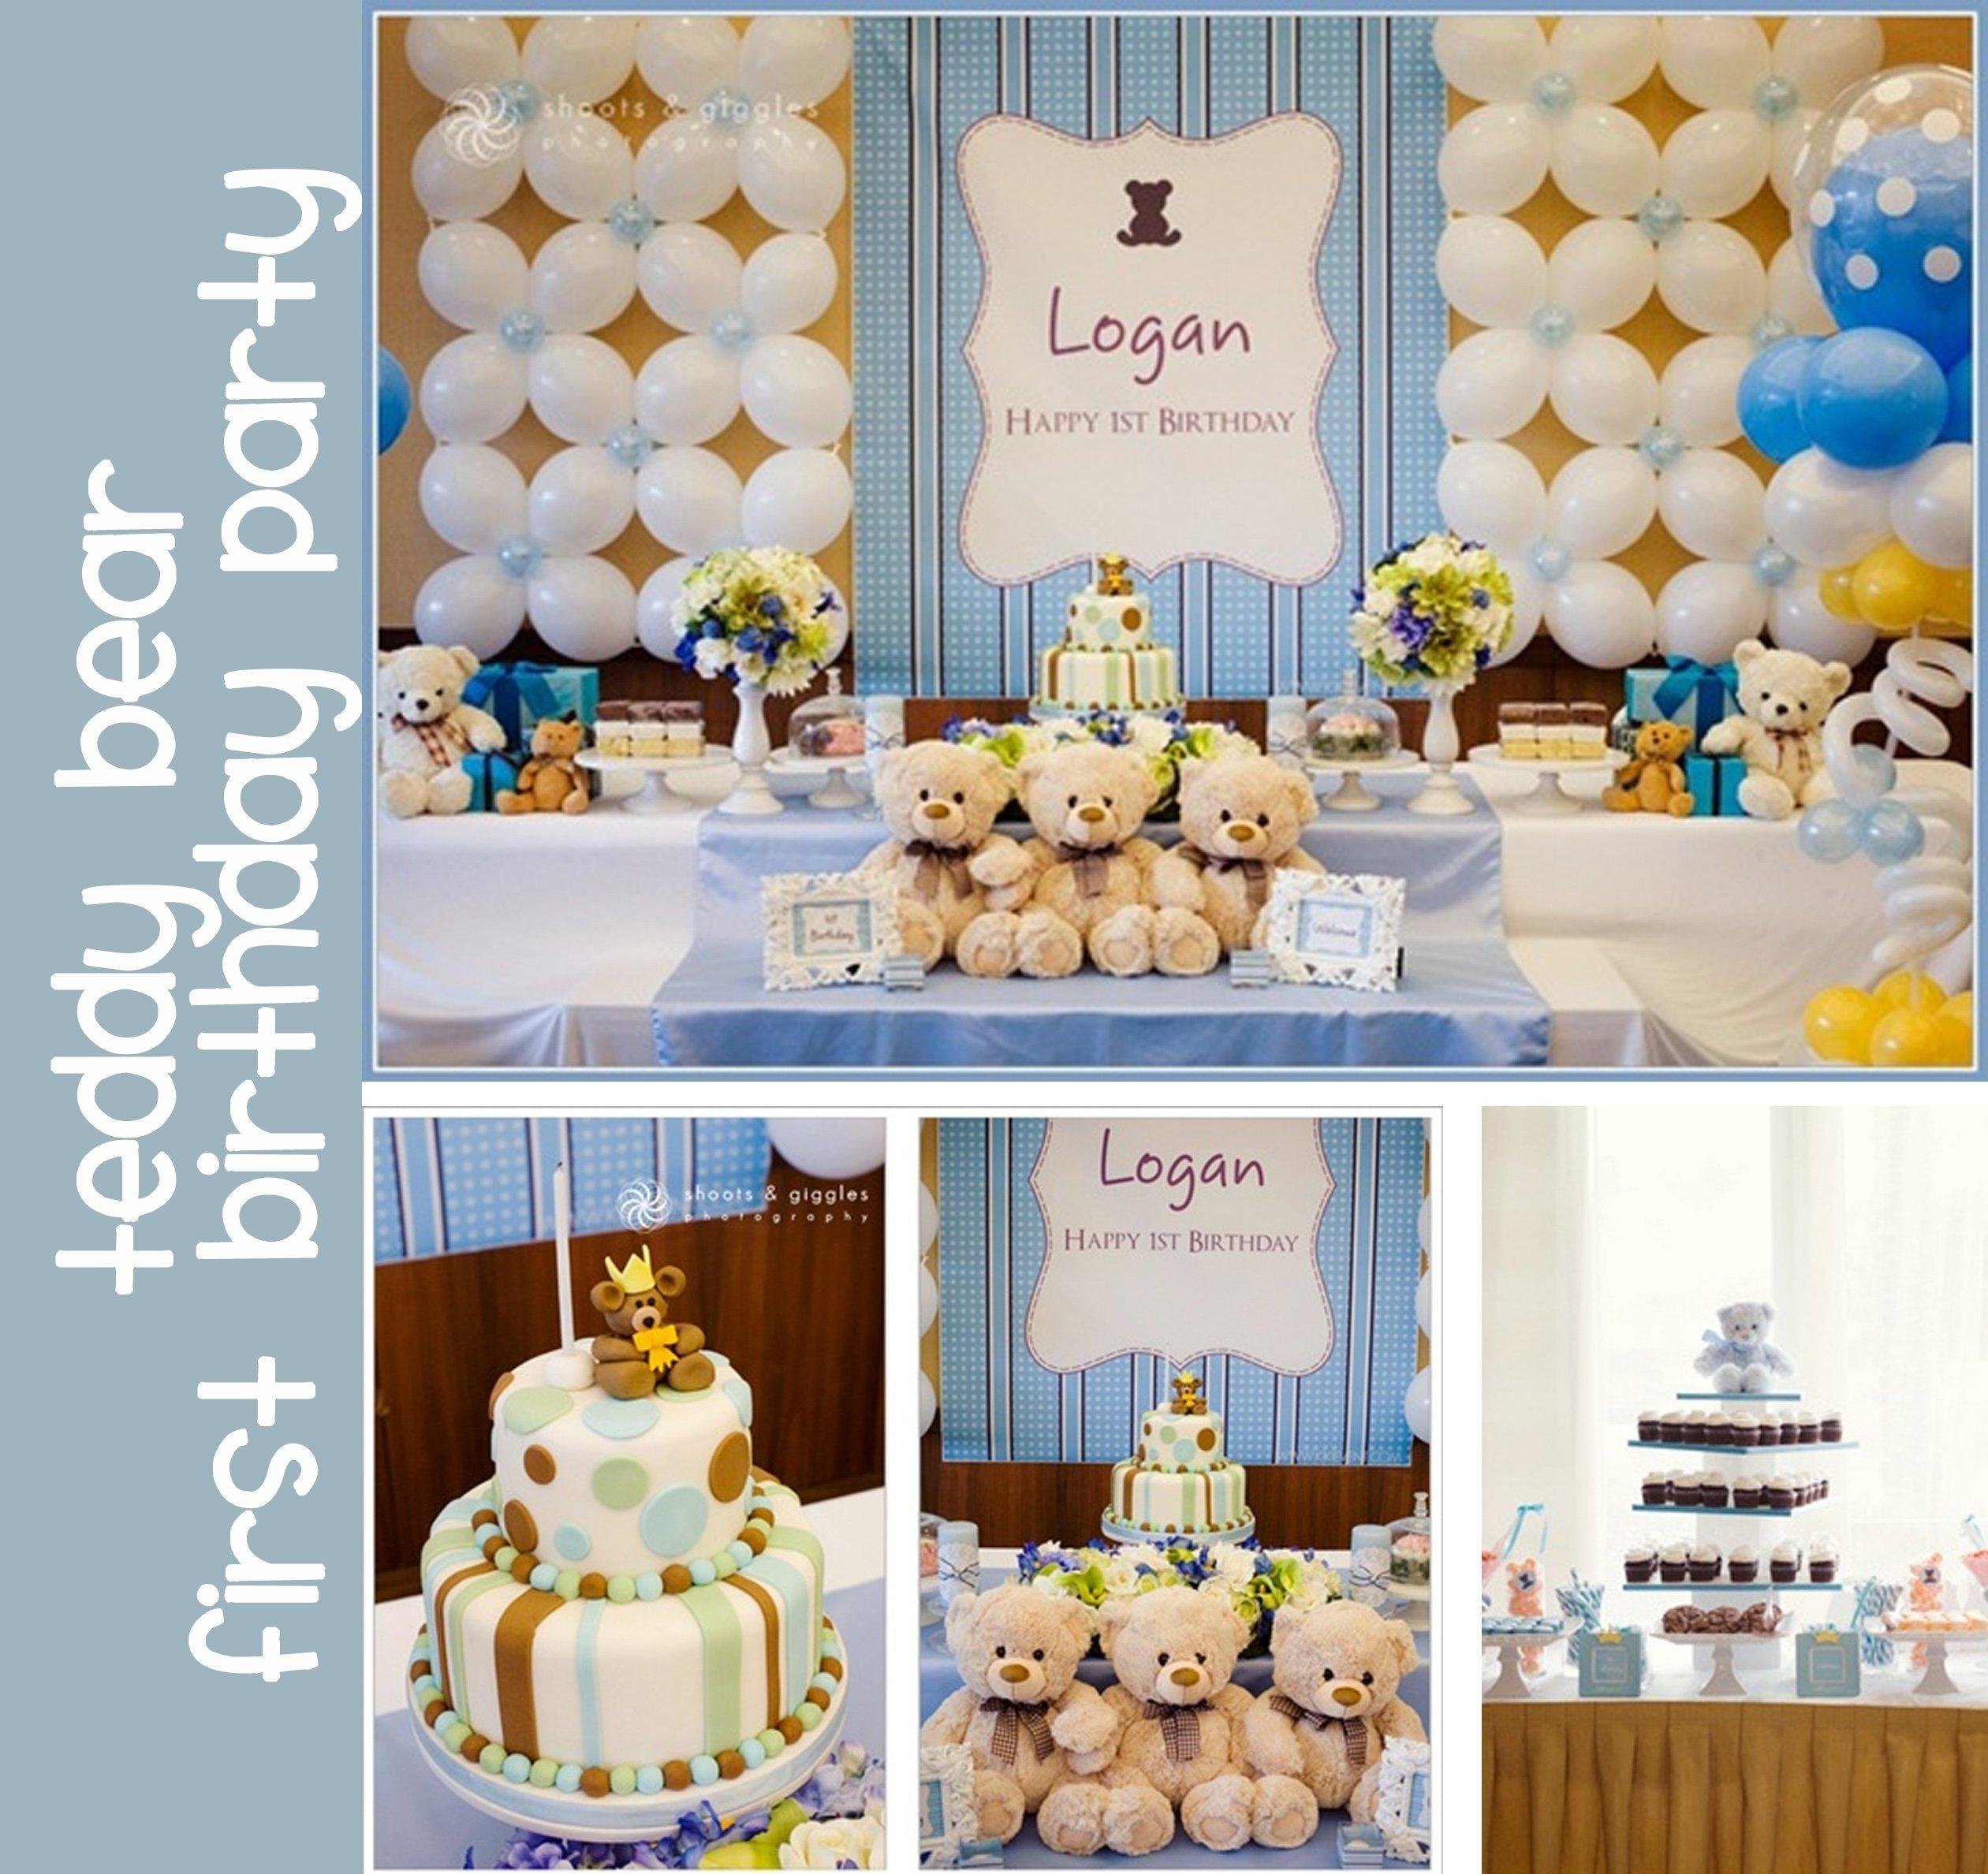 10 Fabulous First Birthday Party Ideas For Boys baby first birthday ideas for boy first birthday teddy bear theme 25